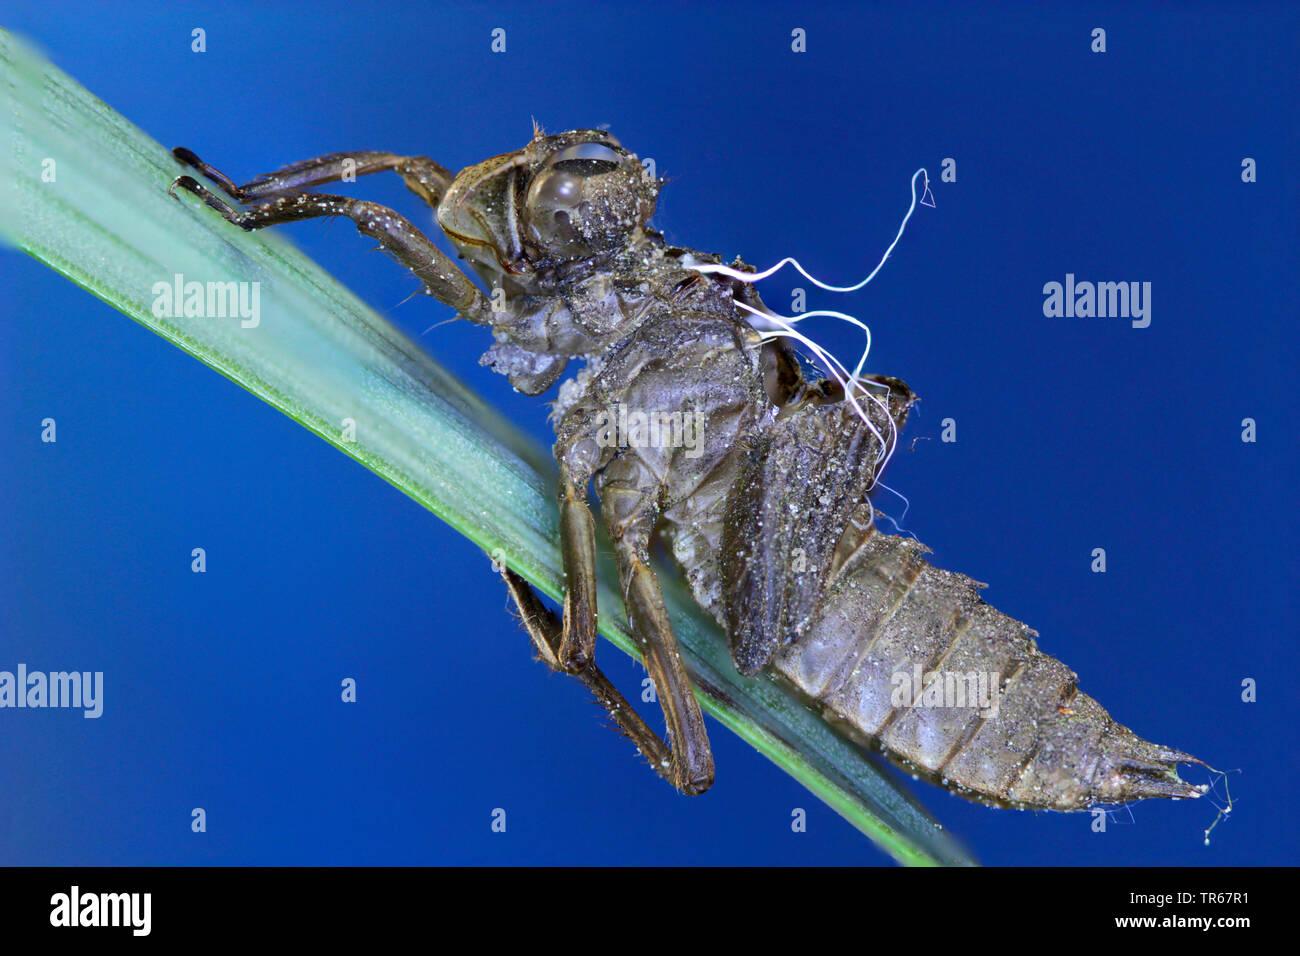 Grosse Heidelibelle (Sympetrum striolatum), Exuvie auf einem Grashalm, Seitenansicht, Deutschland, Mecklenburg-Vorpommern   common sympetrum, common d - Stock Image